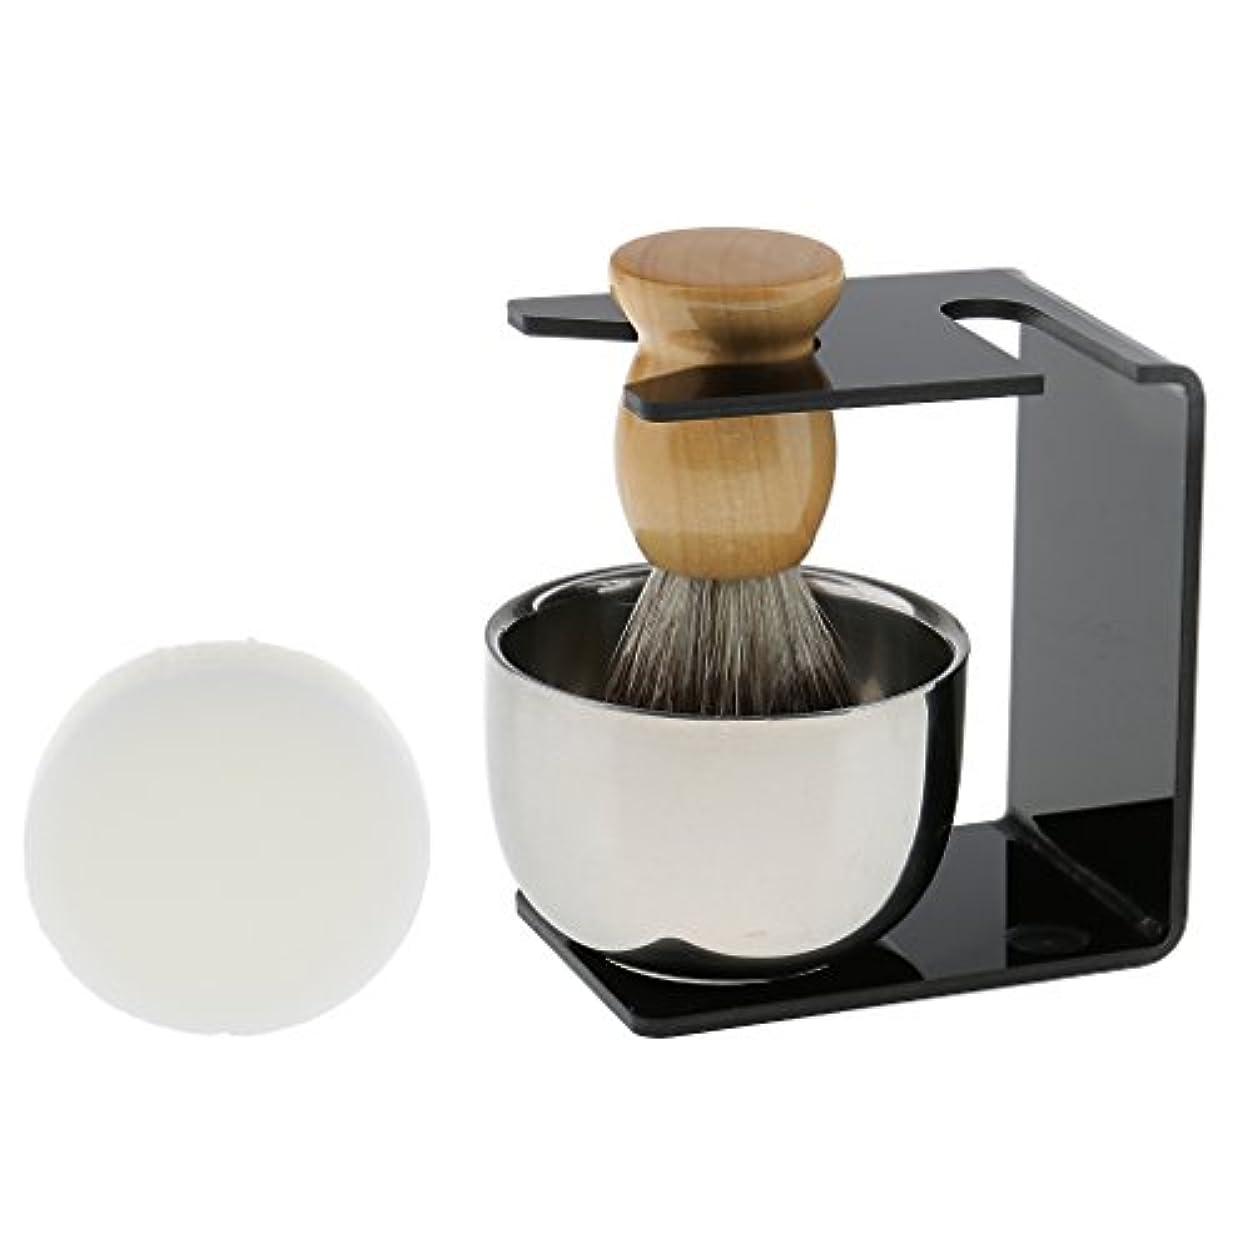 スマイルスカイ解き明かすシェービングブラシセット ステンレス製スタンド ブラシ 石鹸 シェイプのマグカップ 髭剃り ひげ メンズ 4点セット